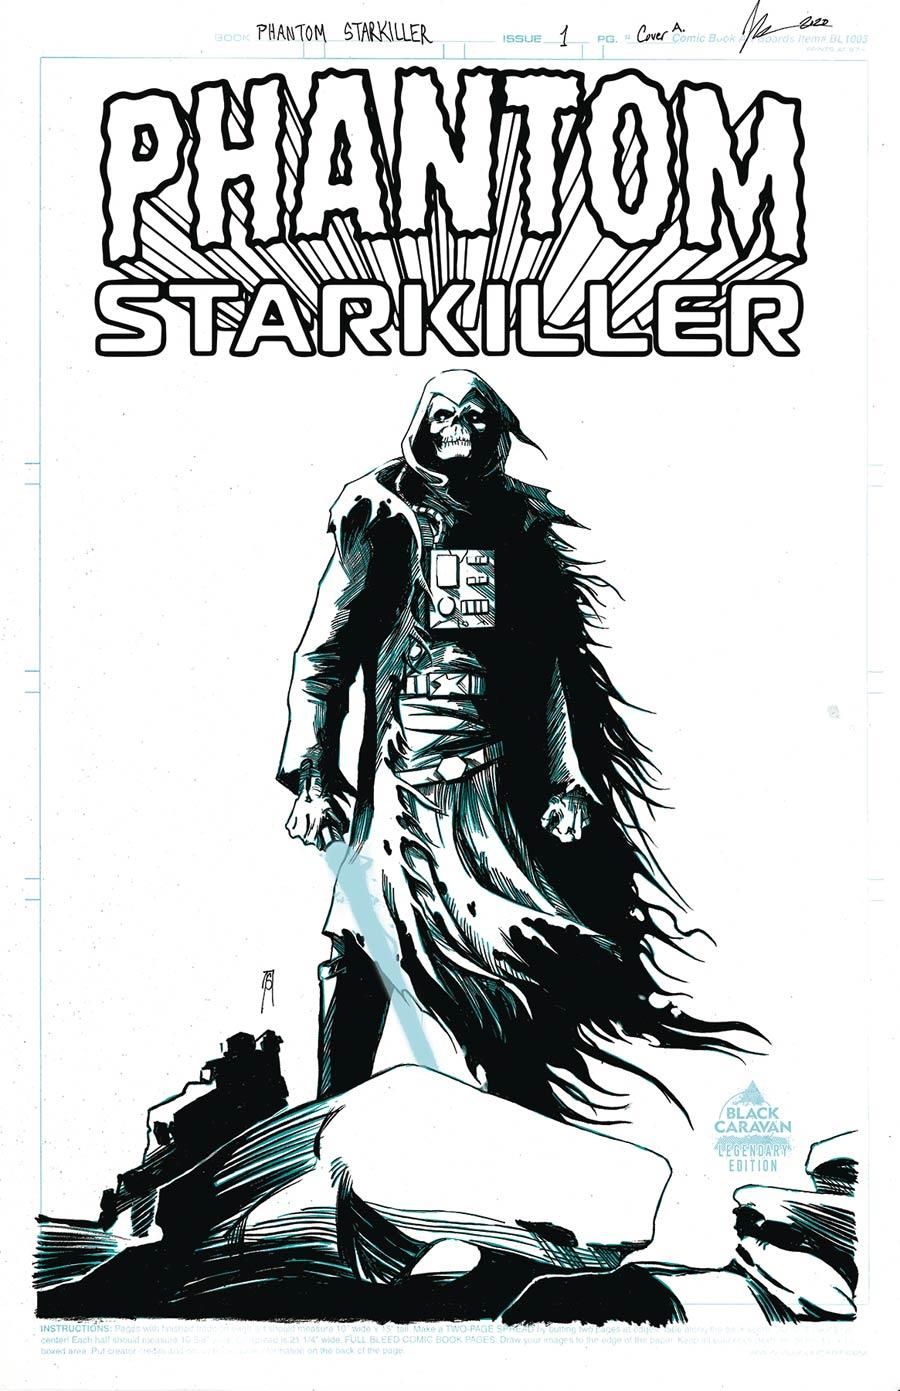 Phantom Starkiller Legendary Edition